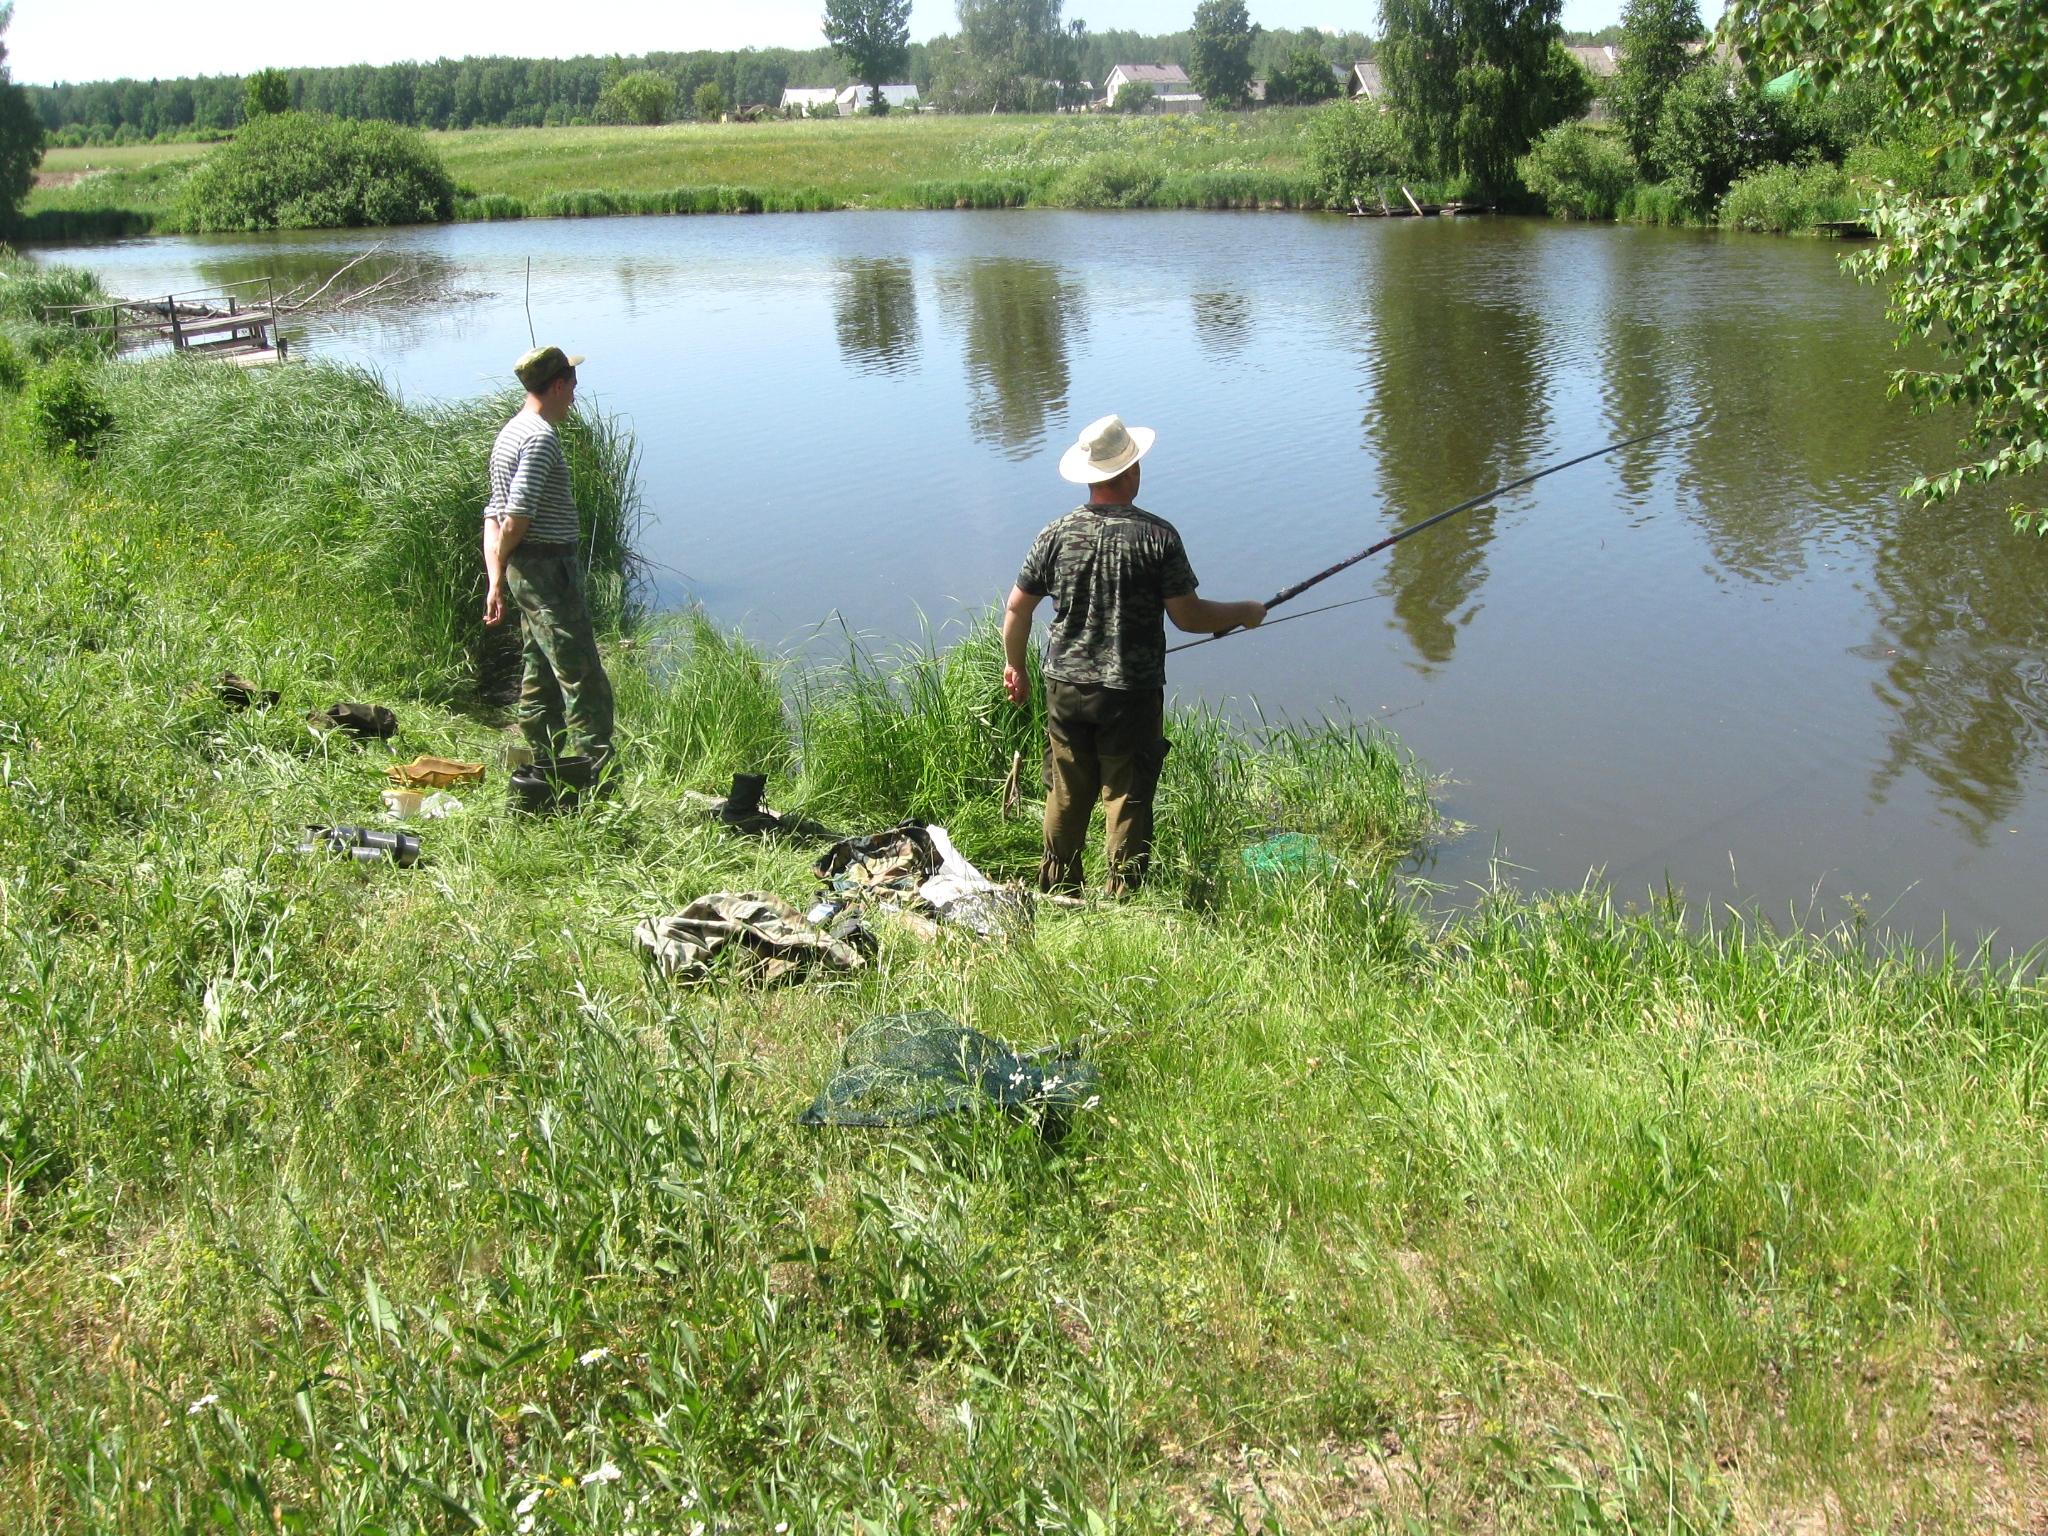 как ловить рыбу в речке на удочку в деревне